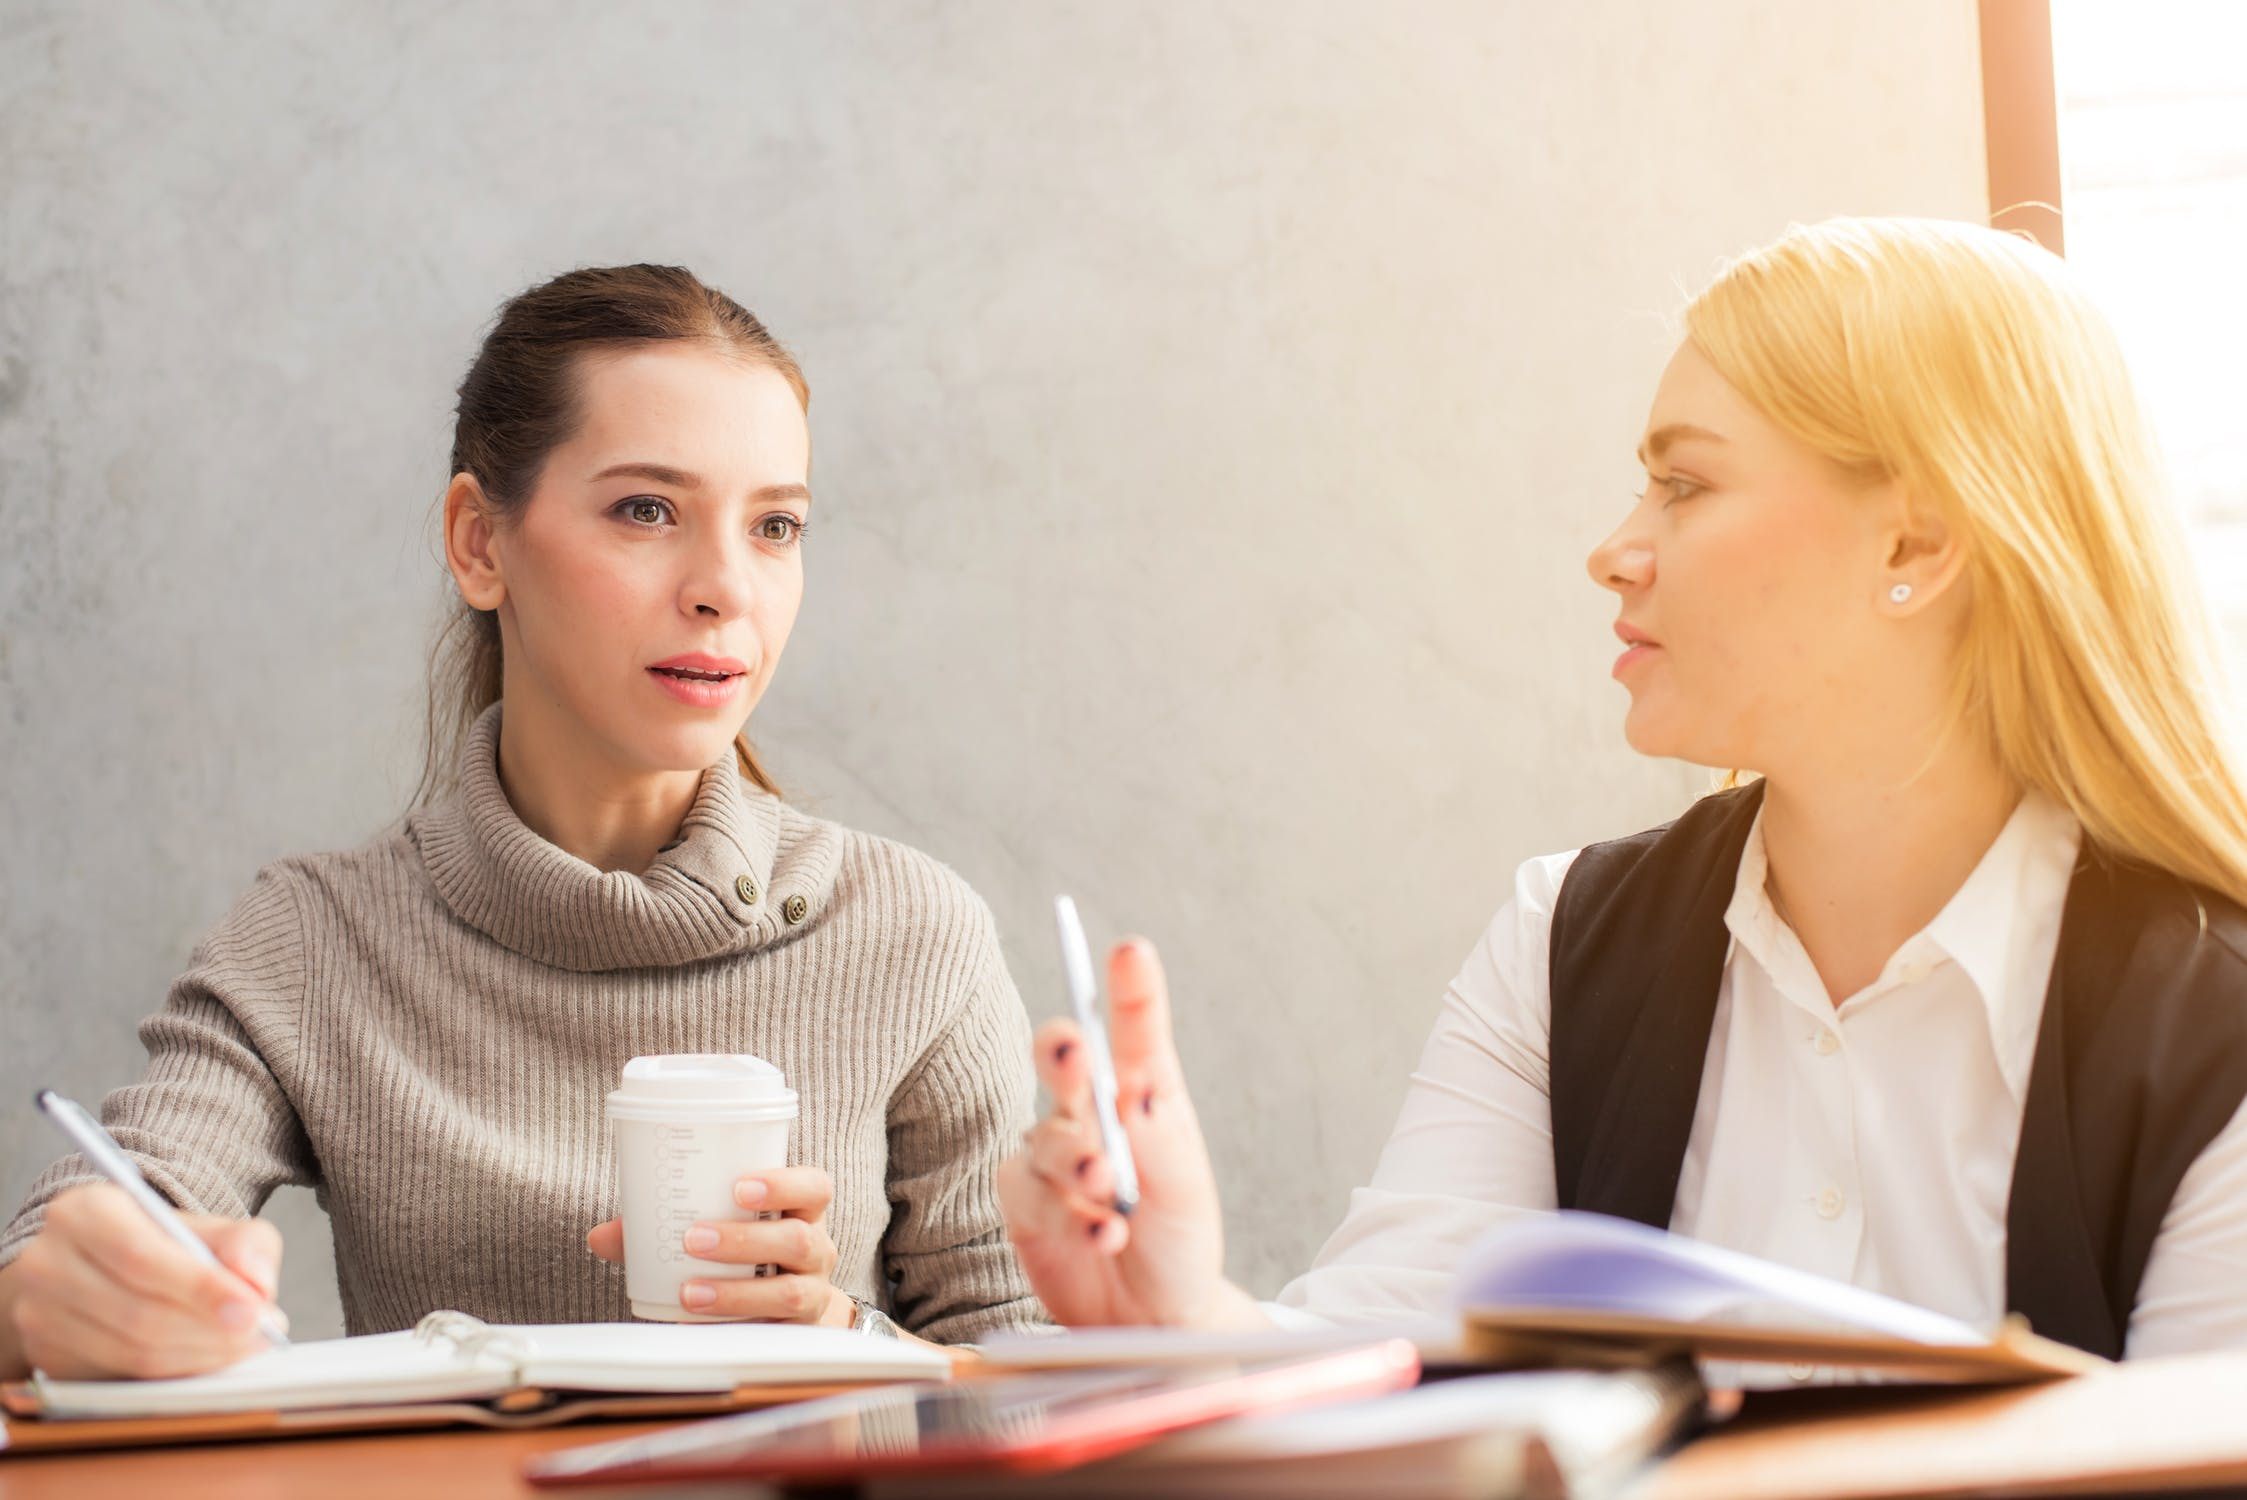 Оттенки значений в английском языке: как использовать глаголы Advise, Recommend, Suggest